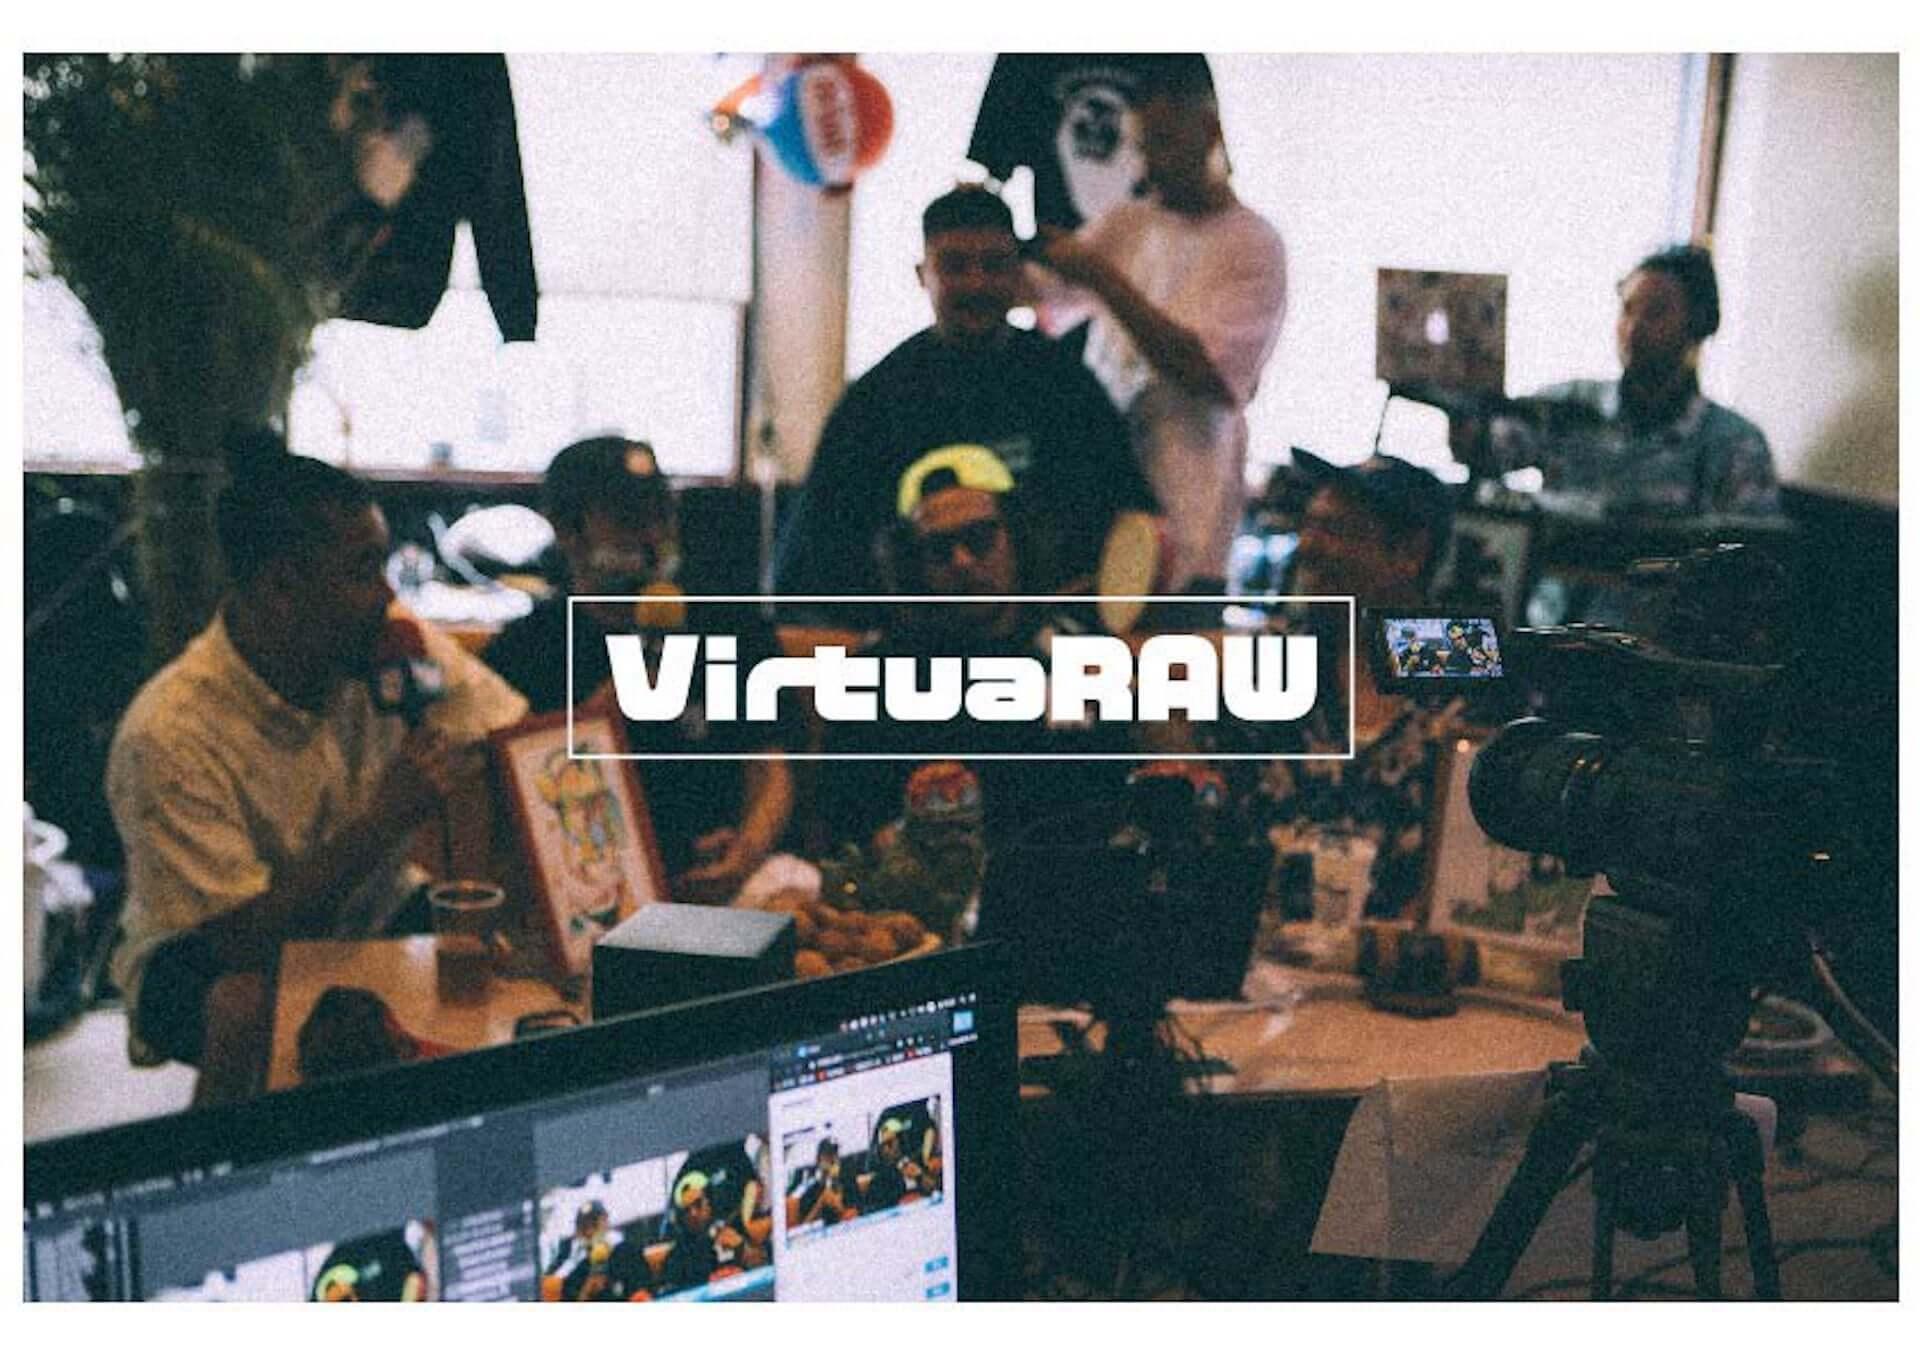 配信イベント<VirtuaRAW>が月額制番組へと移行!GEZAN、KOJOE、RITTOら出演の<波の上フェスティバル2020>が独占生配信決定 music201117_virtuaraw_9-1920x1355